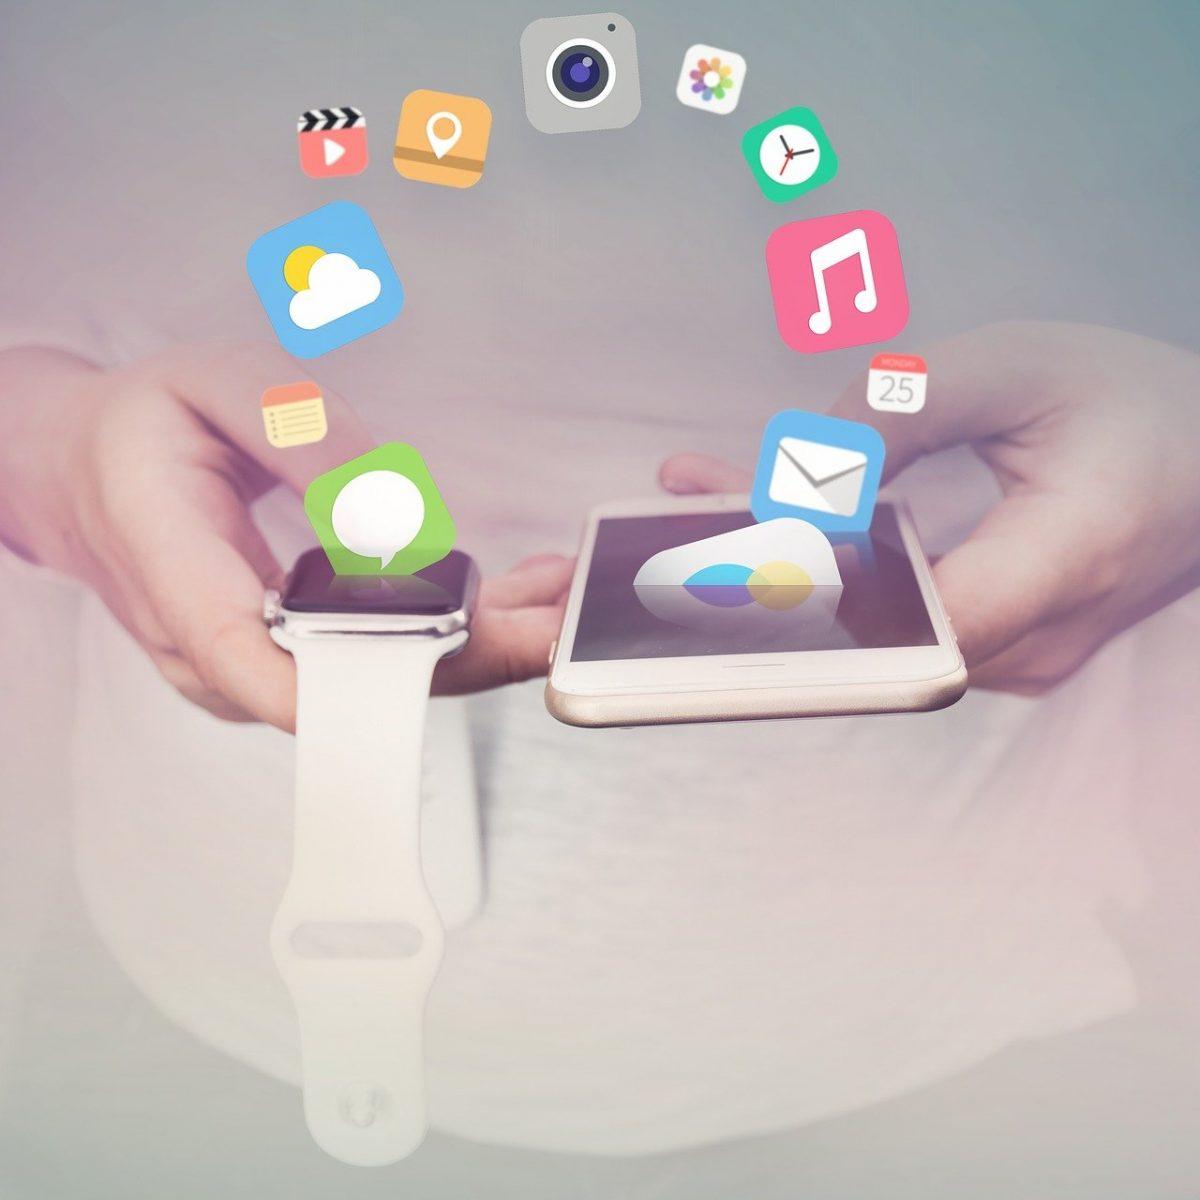 Une agence de développement d'applications mobiles peut créer des applications pour votre entreprise.